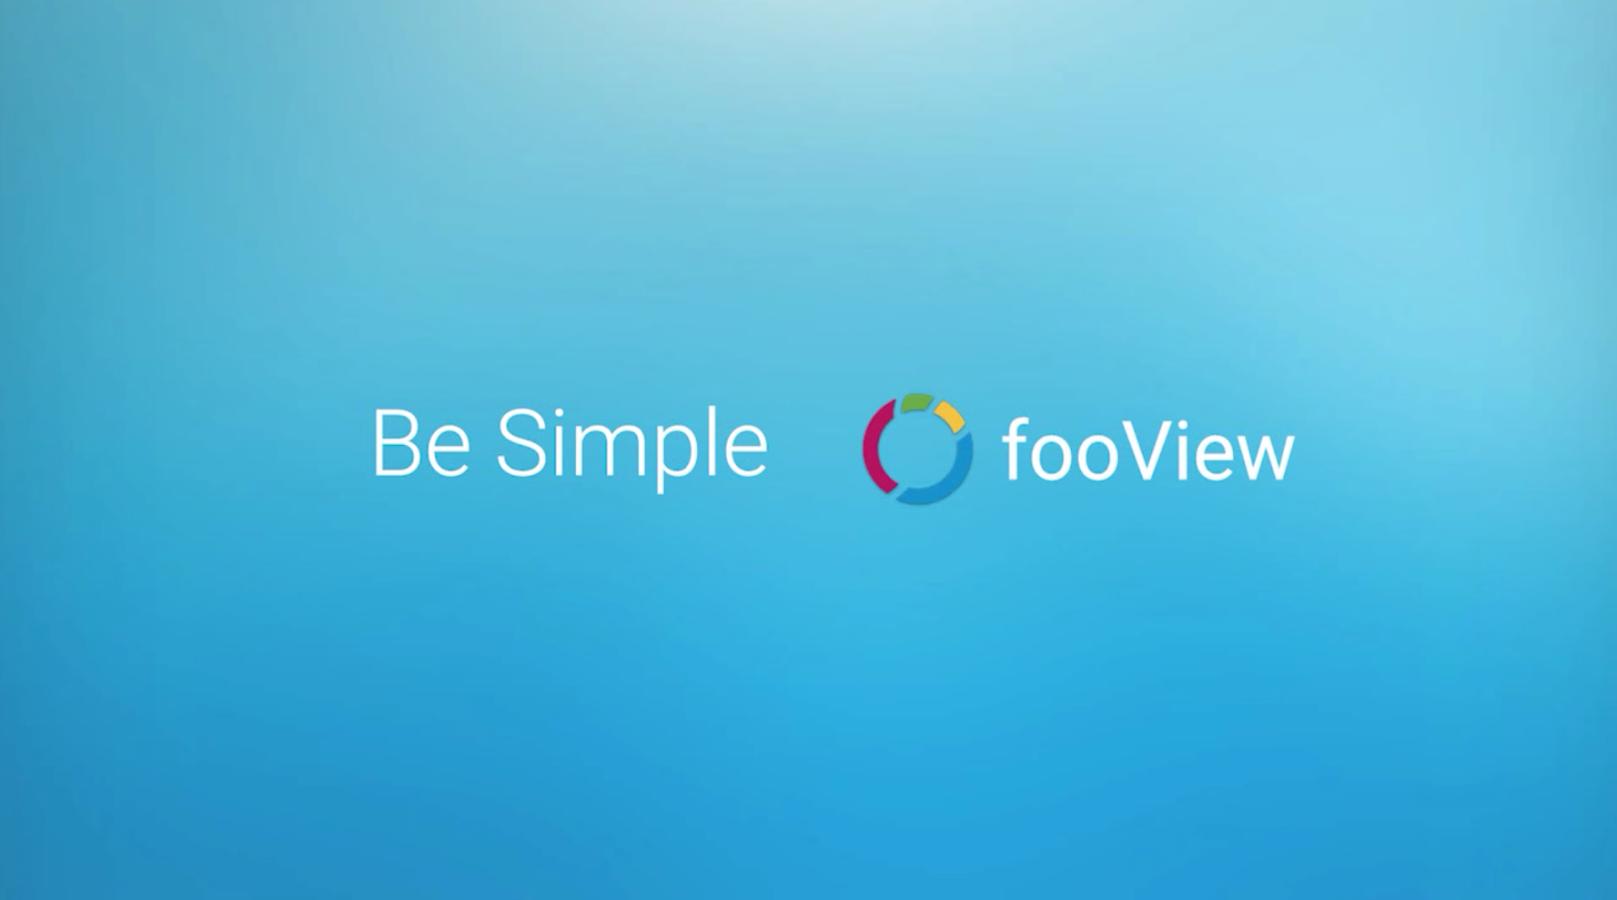 با نرم افزار fooView کار باگوشی اندروید را به شدت ساده کنید +دانلود و فیلم // در حال کار